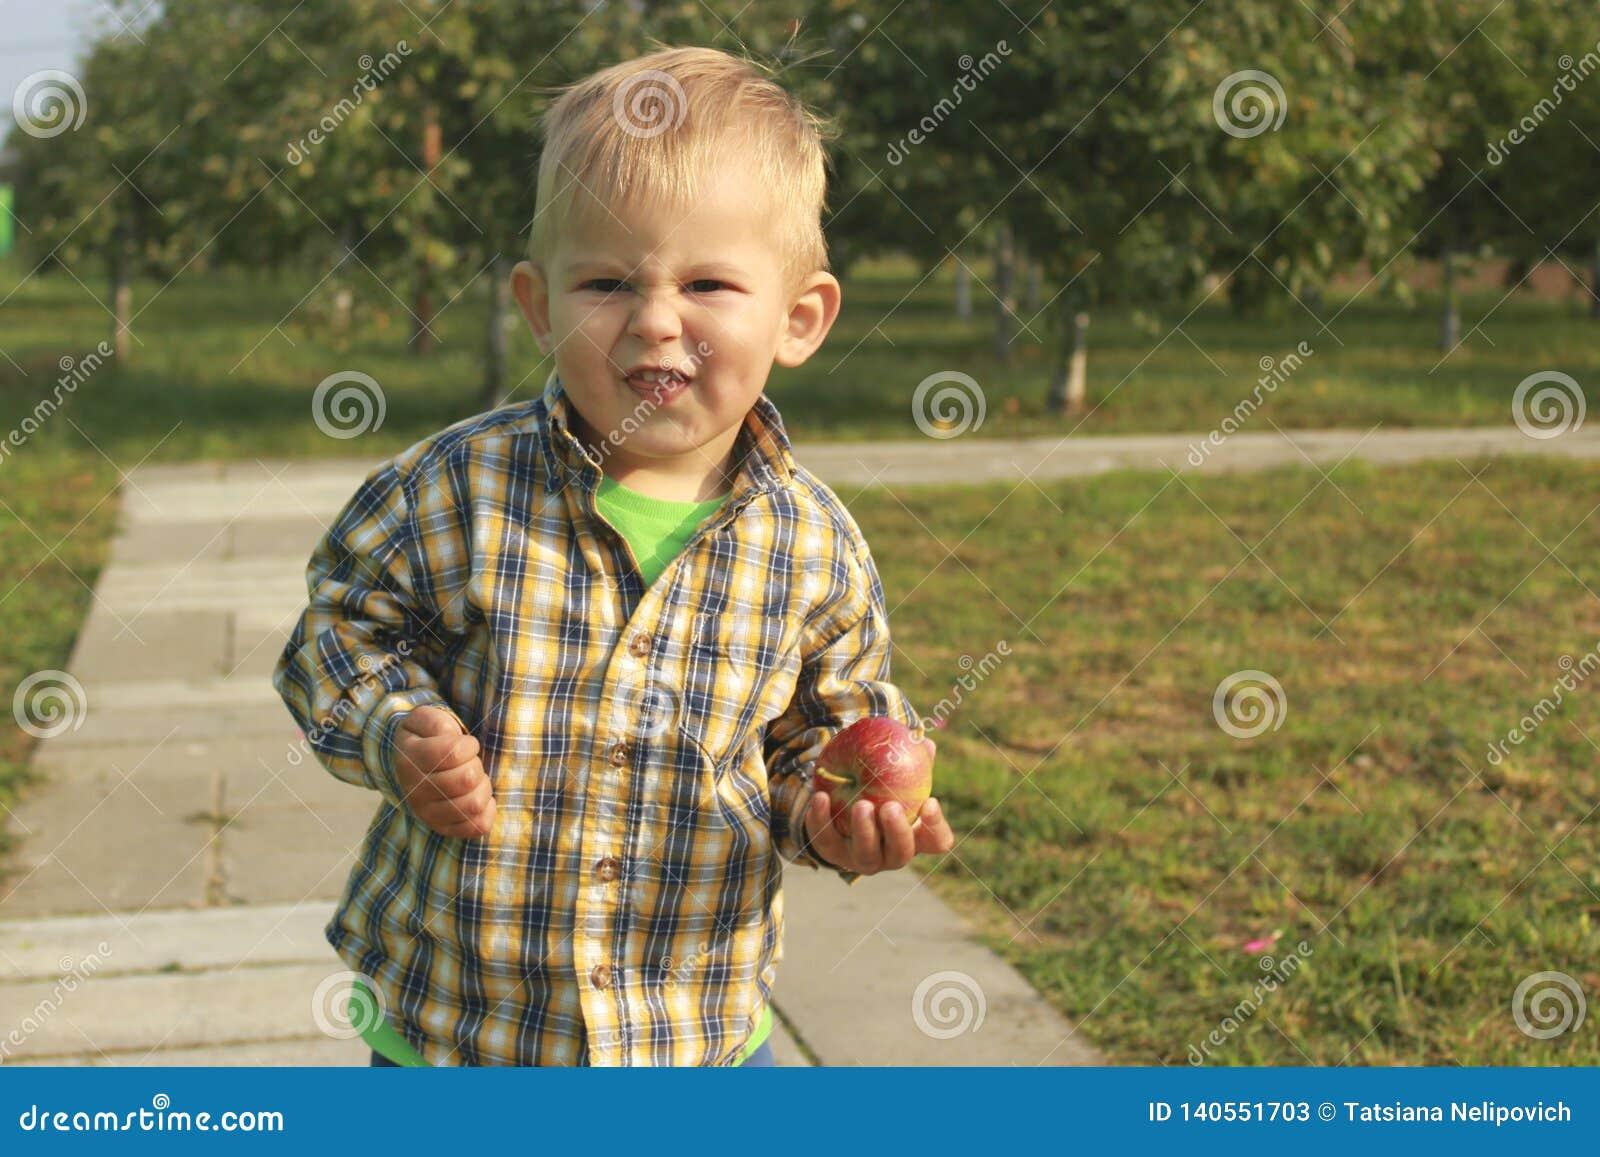 Weinig jongen die rode appelen in boomgaard eten